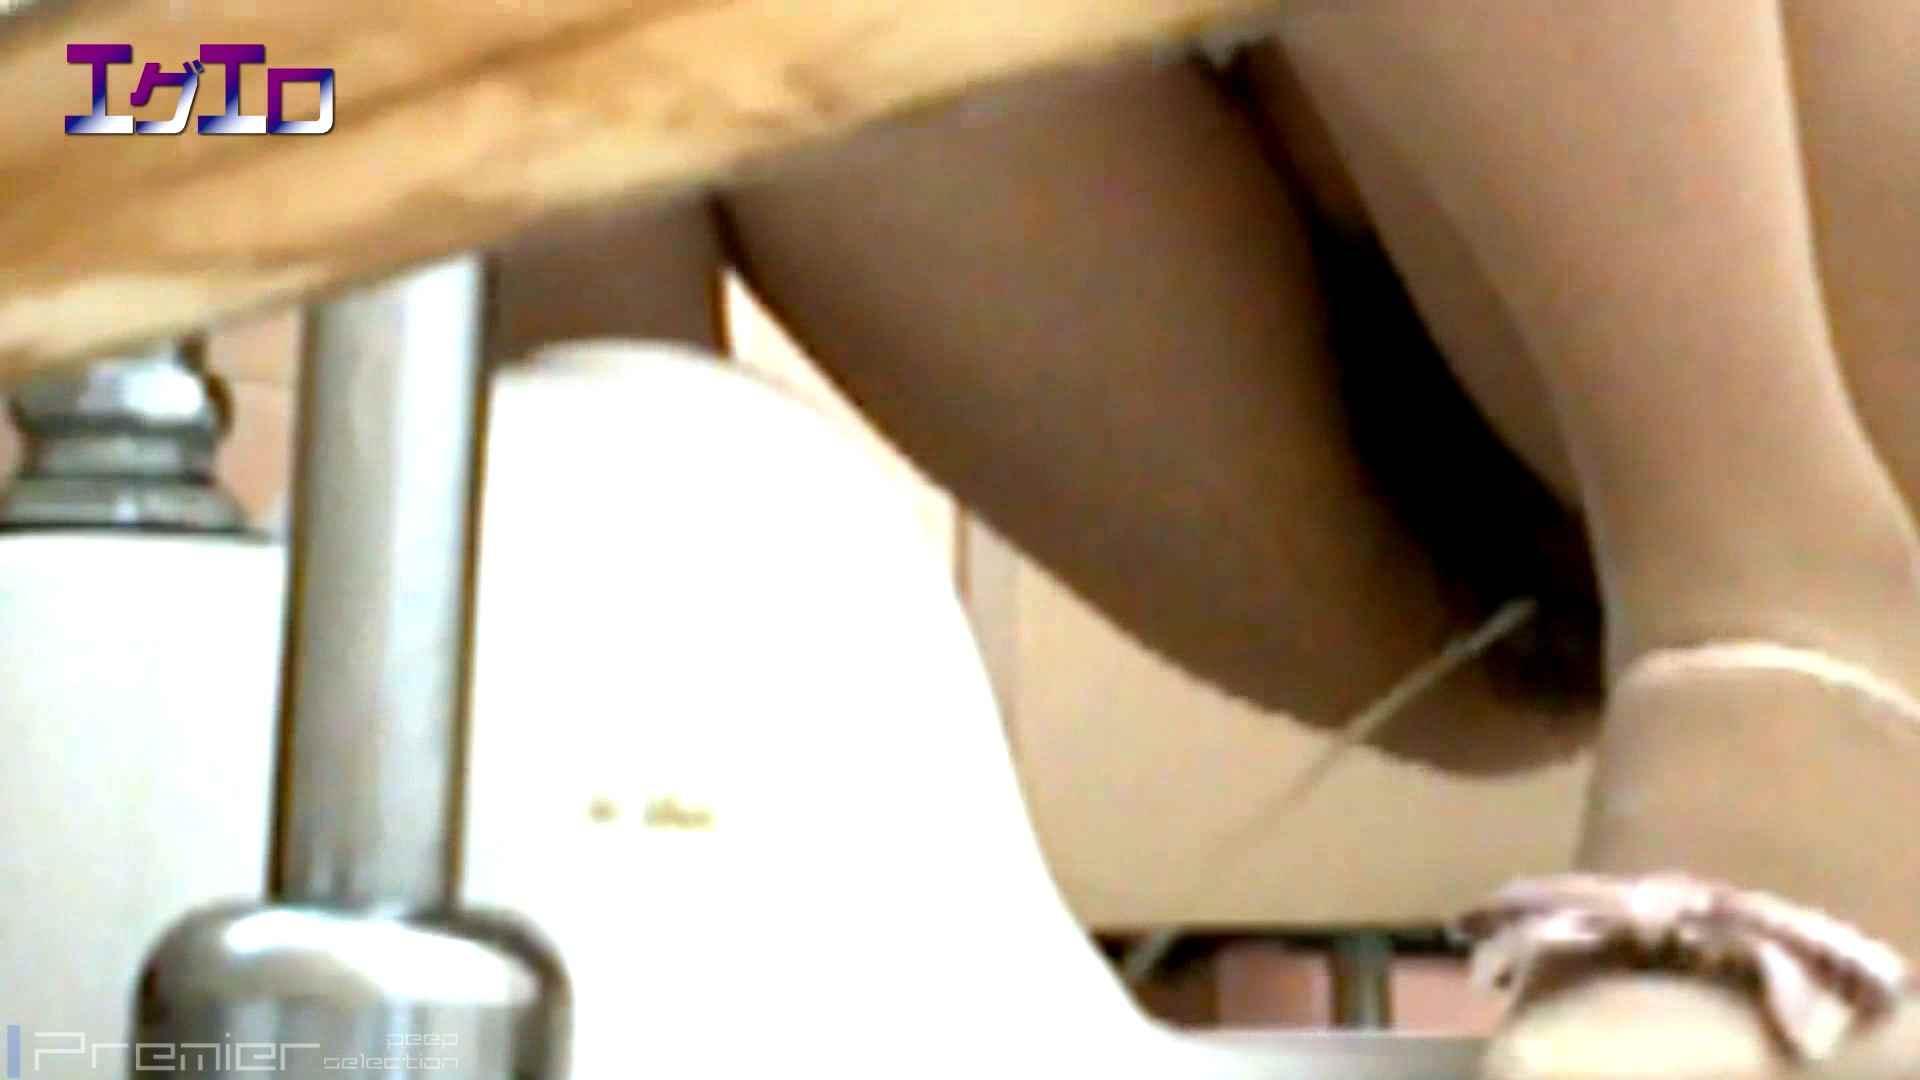 至近距離洗面所 Vol.07 ニーハイソックスに狙いを定めて 細身体型 戯れ無修正画像 111枚 39